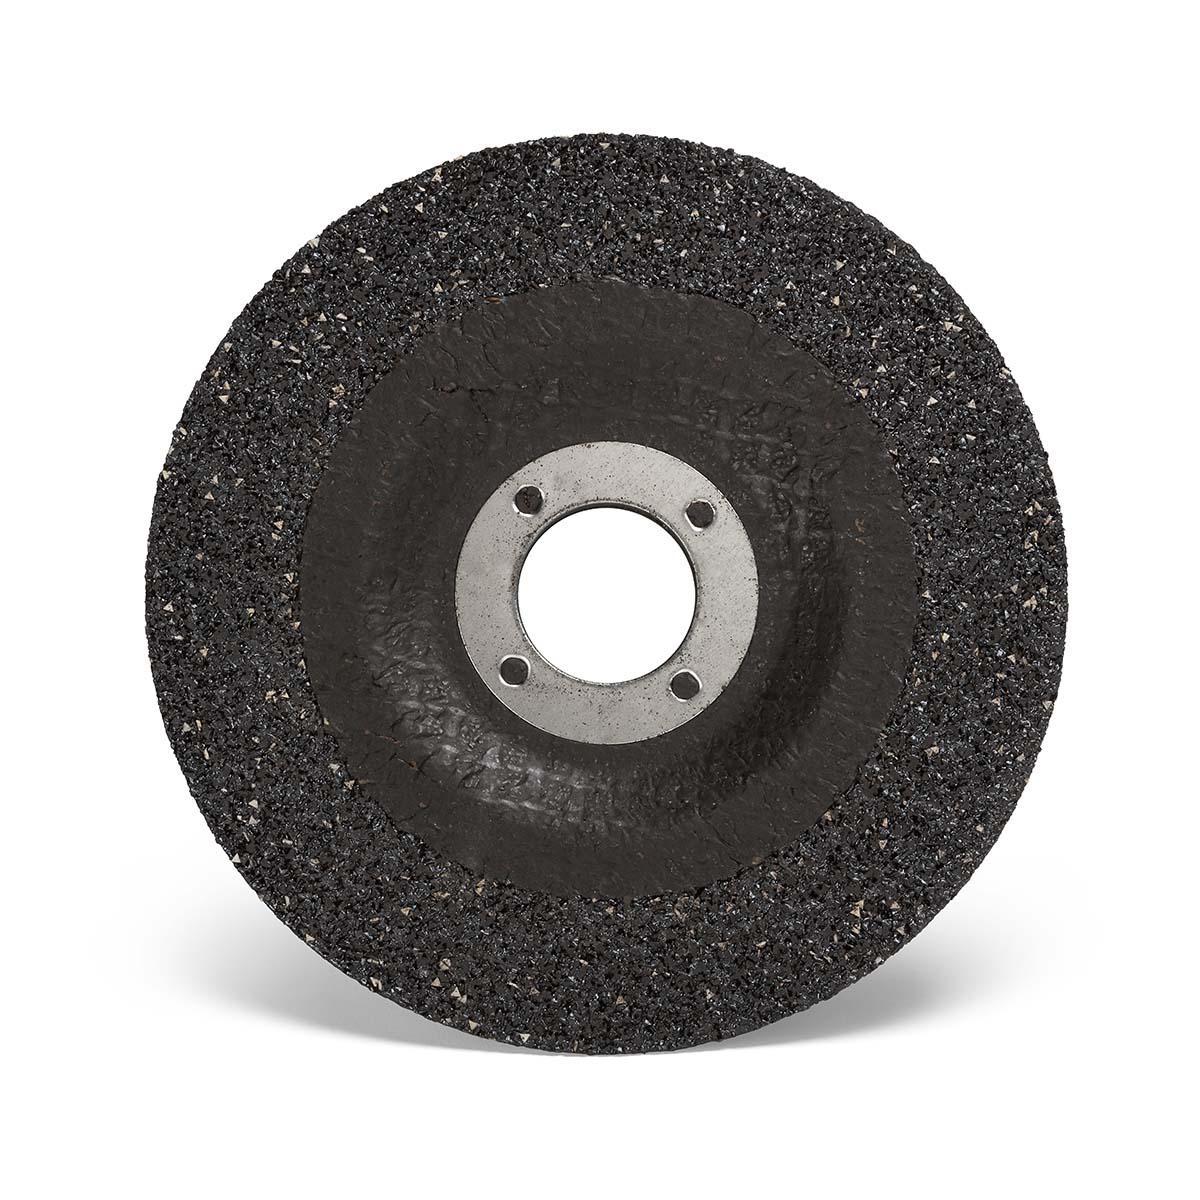 """3Mâ""""¢ Silver Cut-Off Wheel 87464, T1, 4.5 in x .40 in x 7/8 in, 25 per inner"""